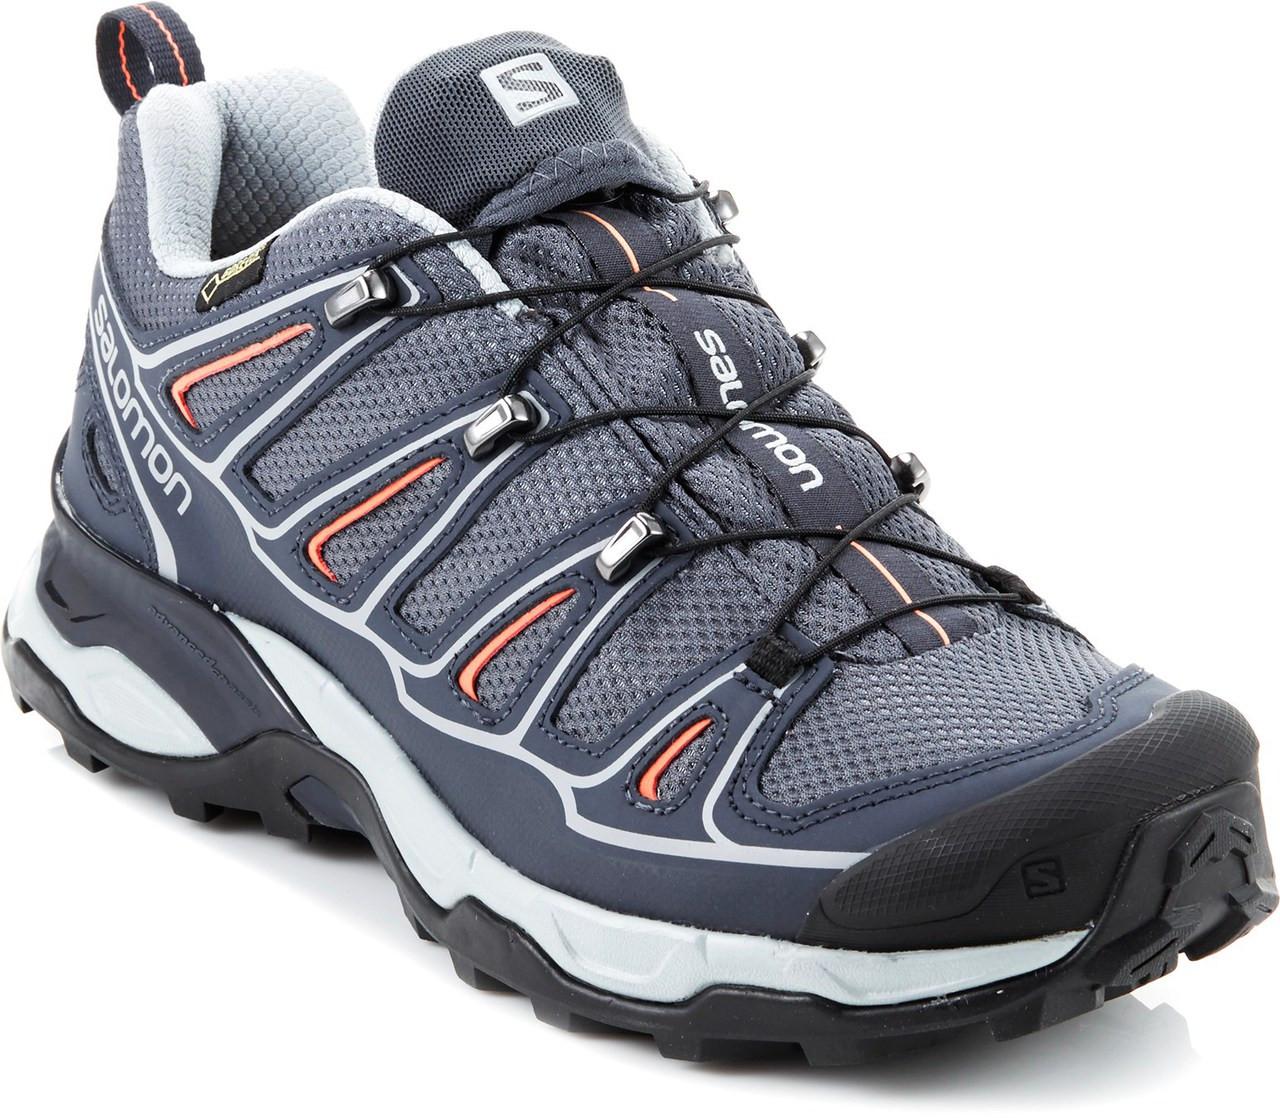 Ultra Low II GTX Hiking Shoes - Grey